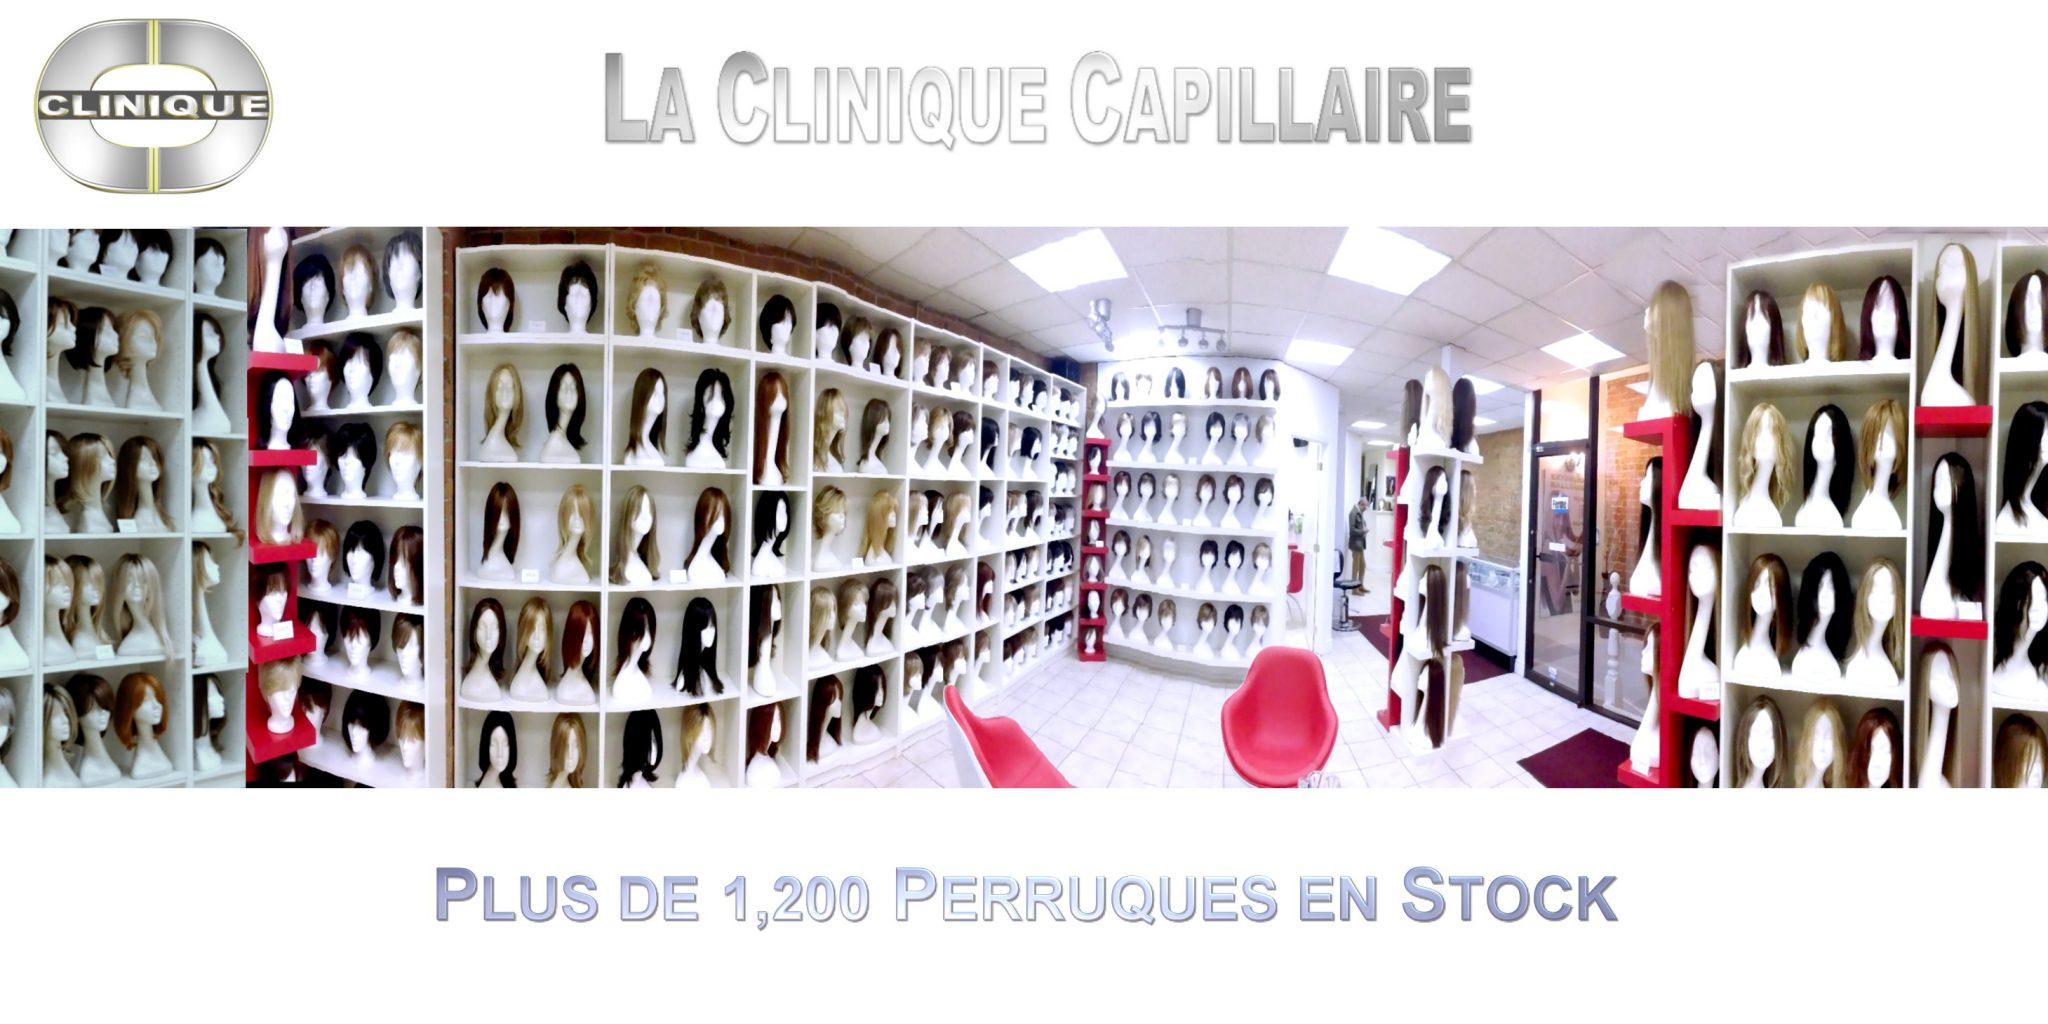 Perruque Lace Front de La Clinique Capillaire Montréal